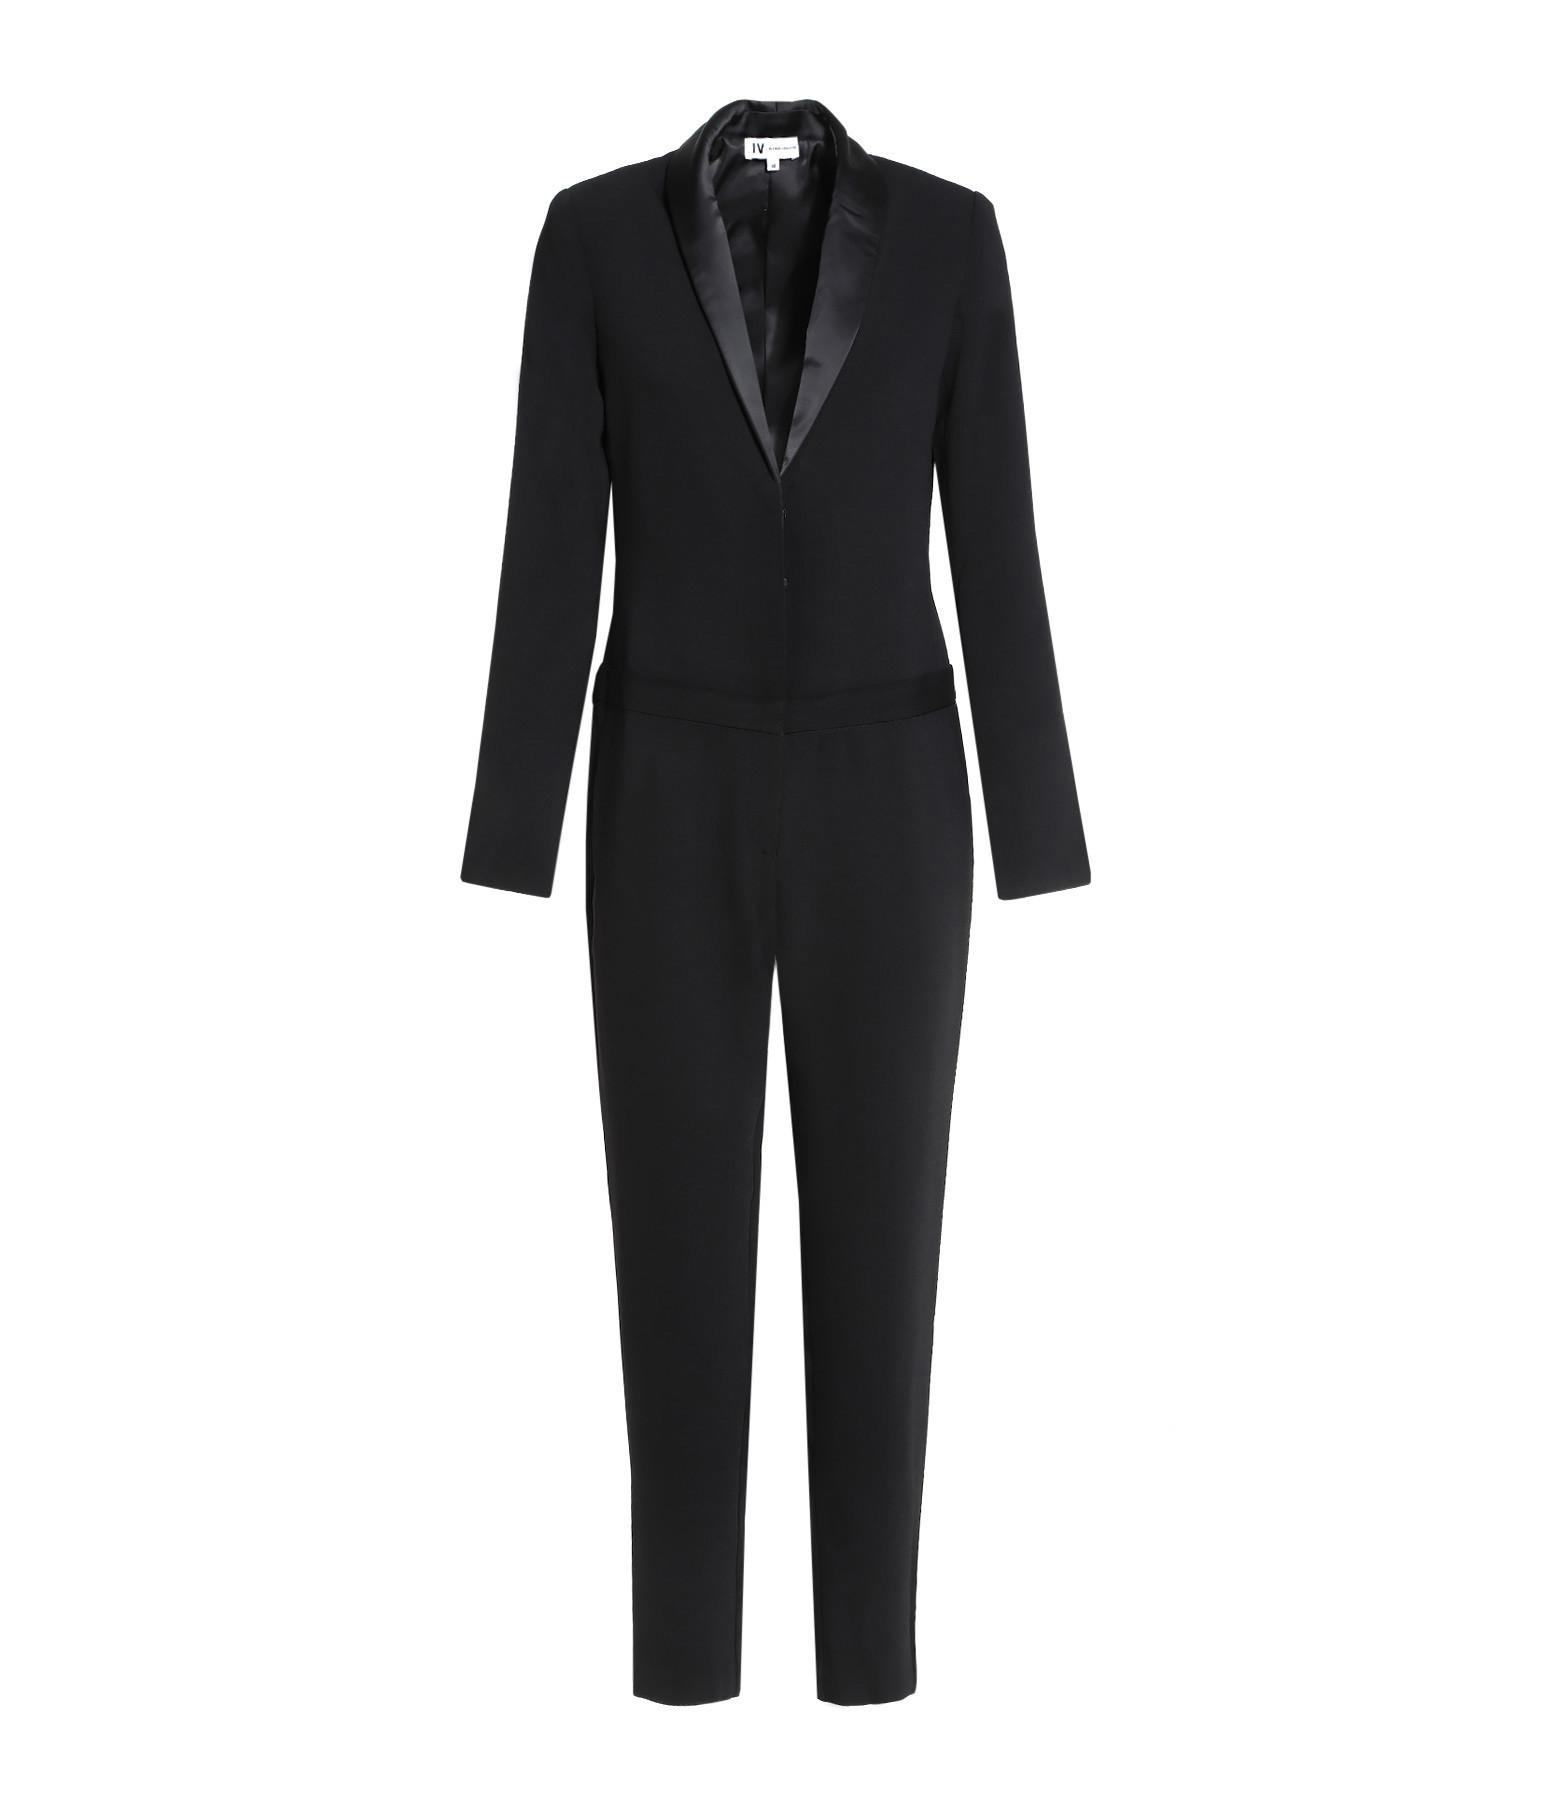 JEANNE VOULAND - Combinaison Pantalon Amé Noir